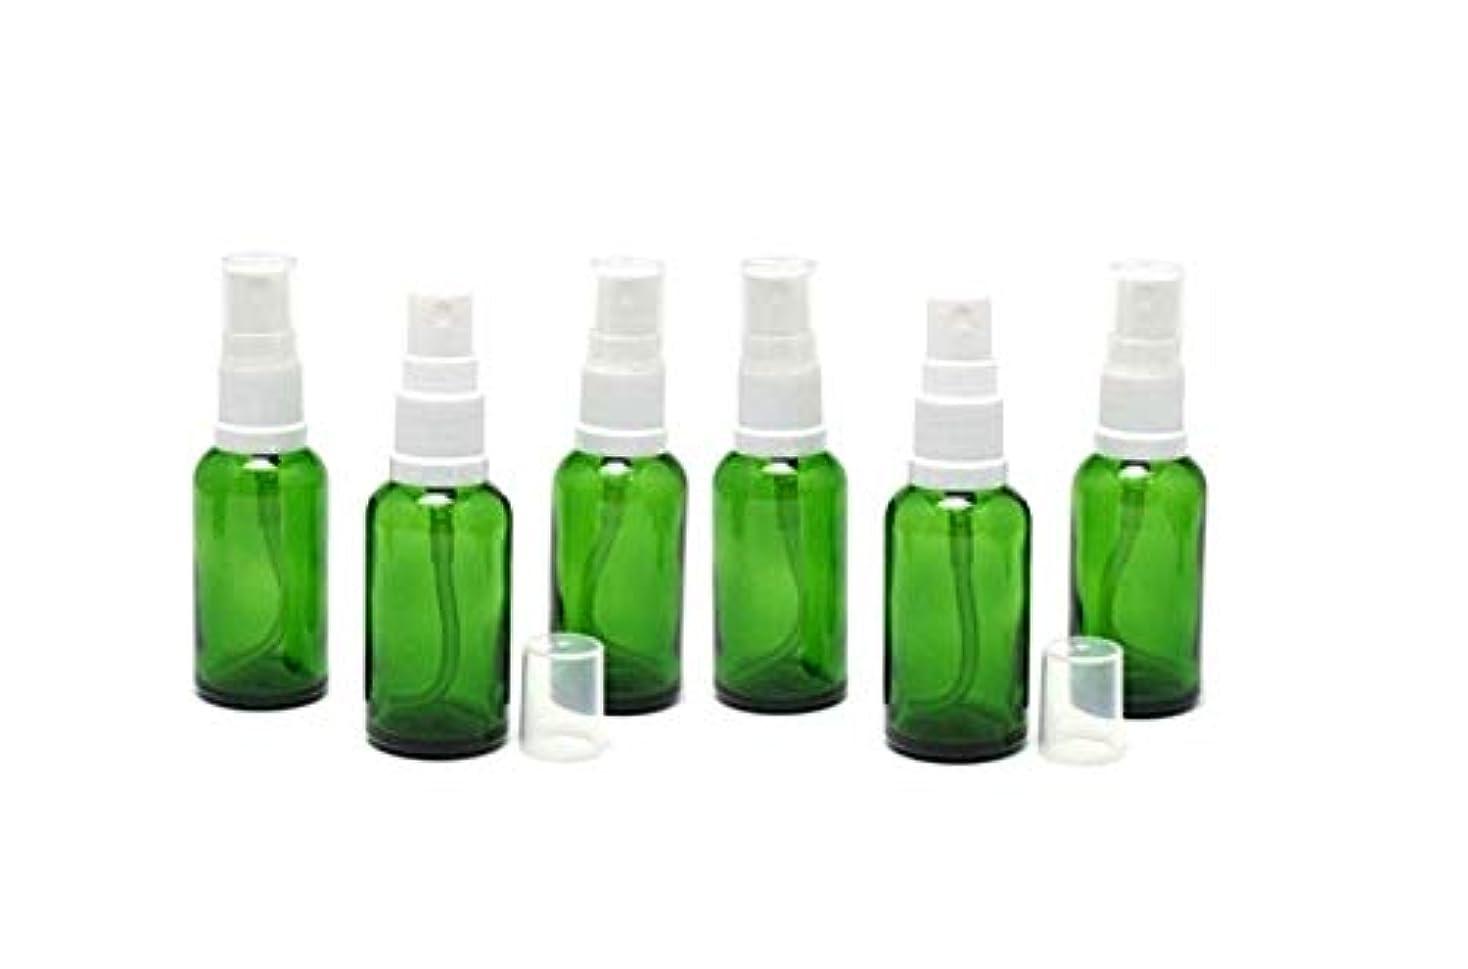 ゴールデン血助言遮光瓶 スプレーボトル (グラス/アトマイザー) 30ml グリーン/ホワイトヘッド 6本セット 【 新品アウトレットセール 】